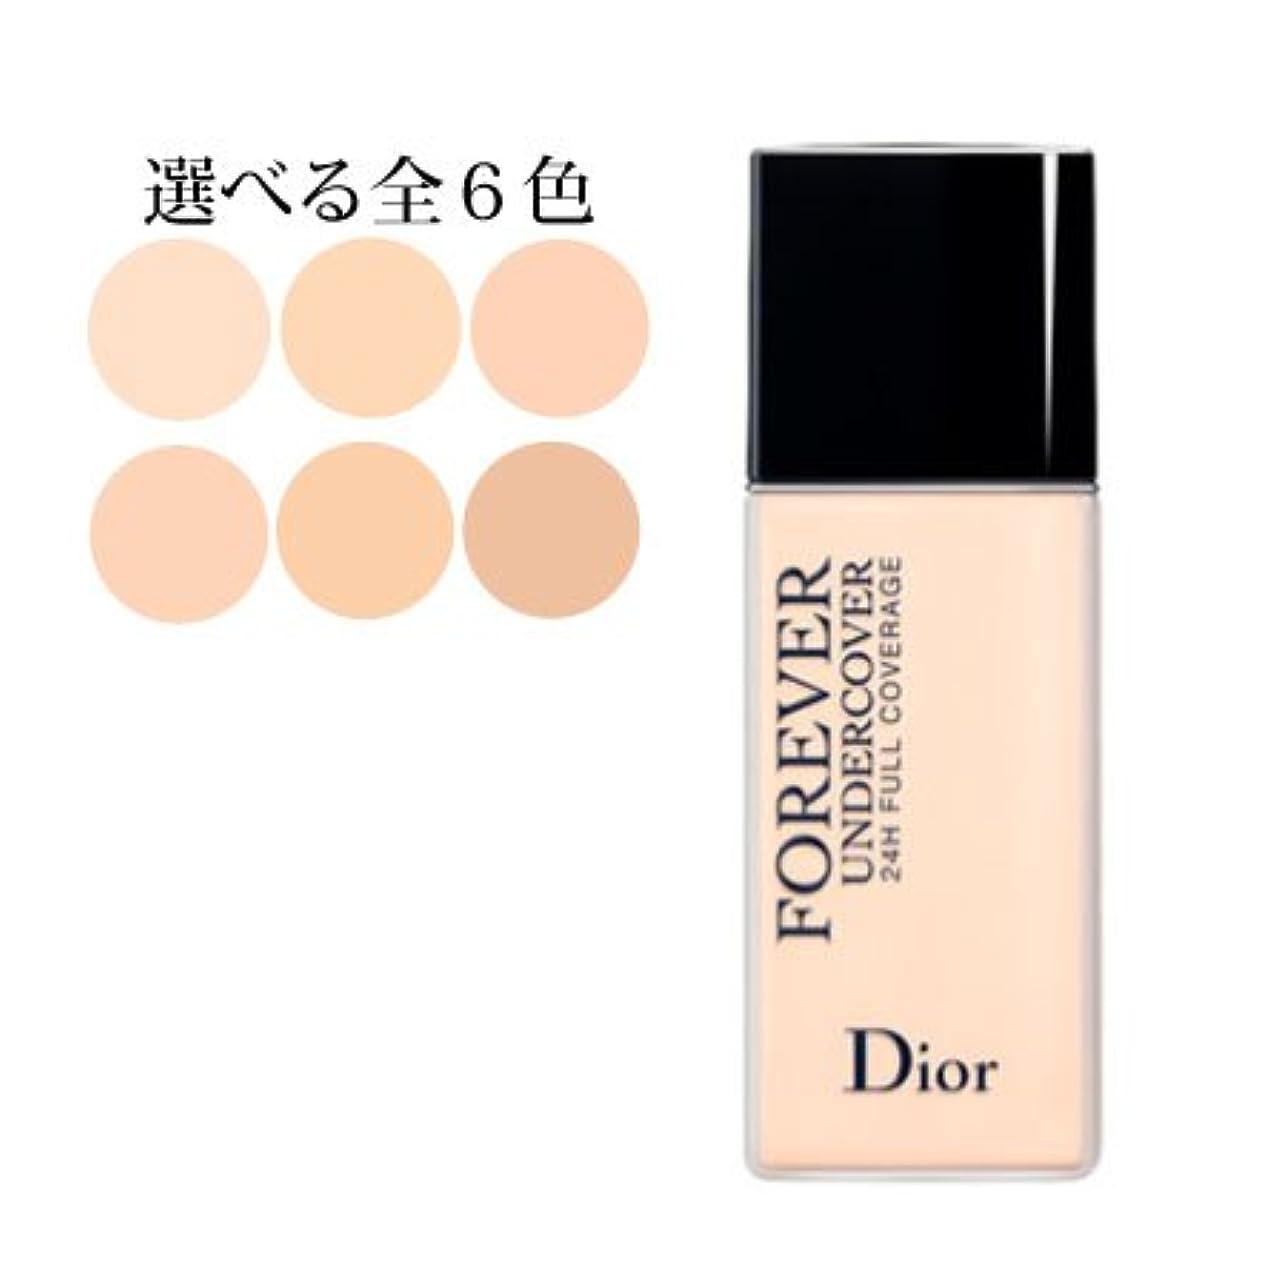 多年生群集バウンドディオールスキン フォーエヴァー アンダーカバー 選べる6色 -Dior- 020